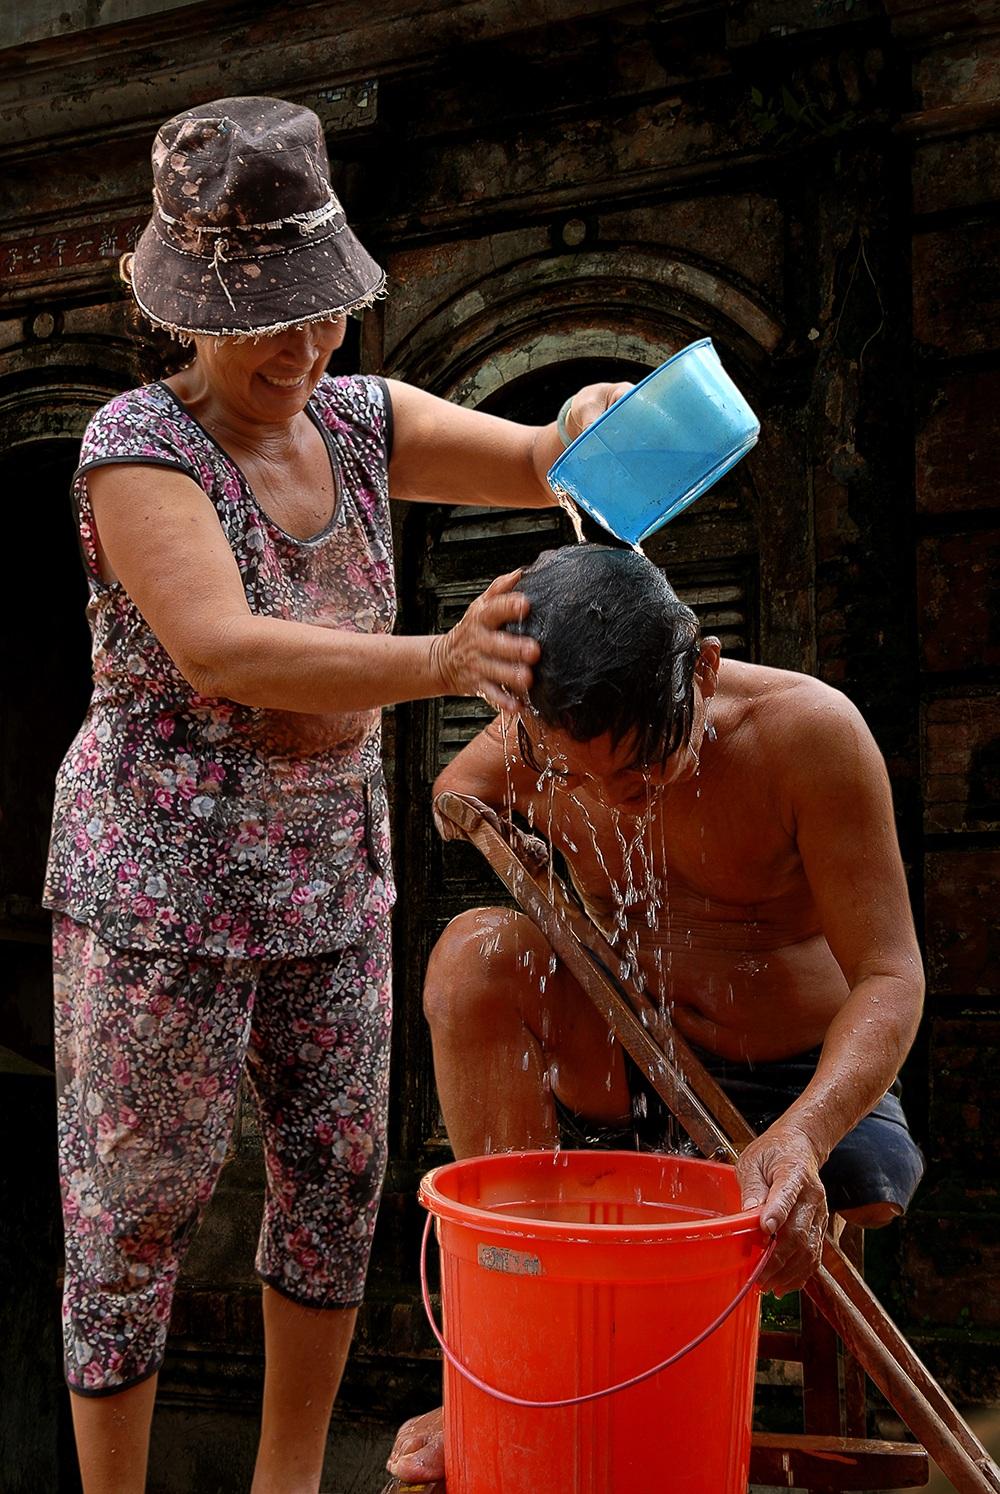 Giải Khuyến khích: Giúp đỡ bạn đời - Nguyễn Văn Tuấn (Bình Dương)